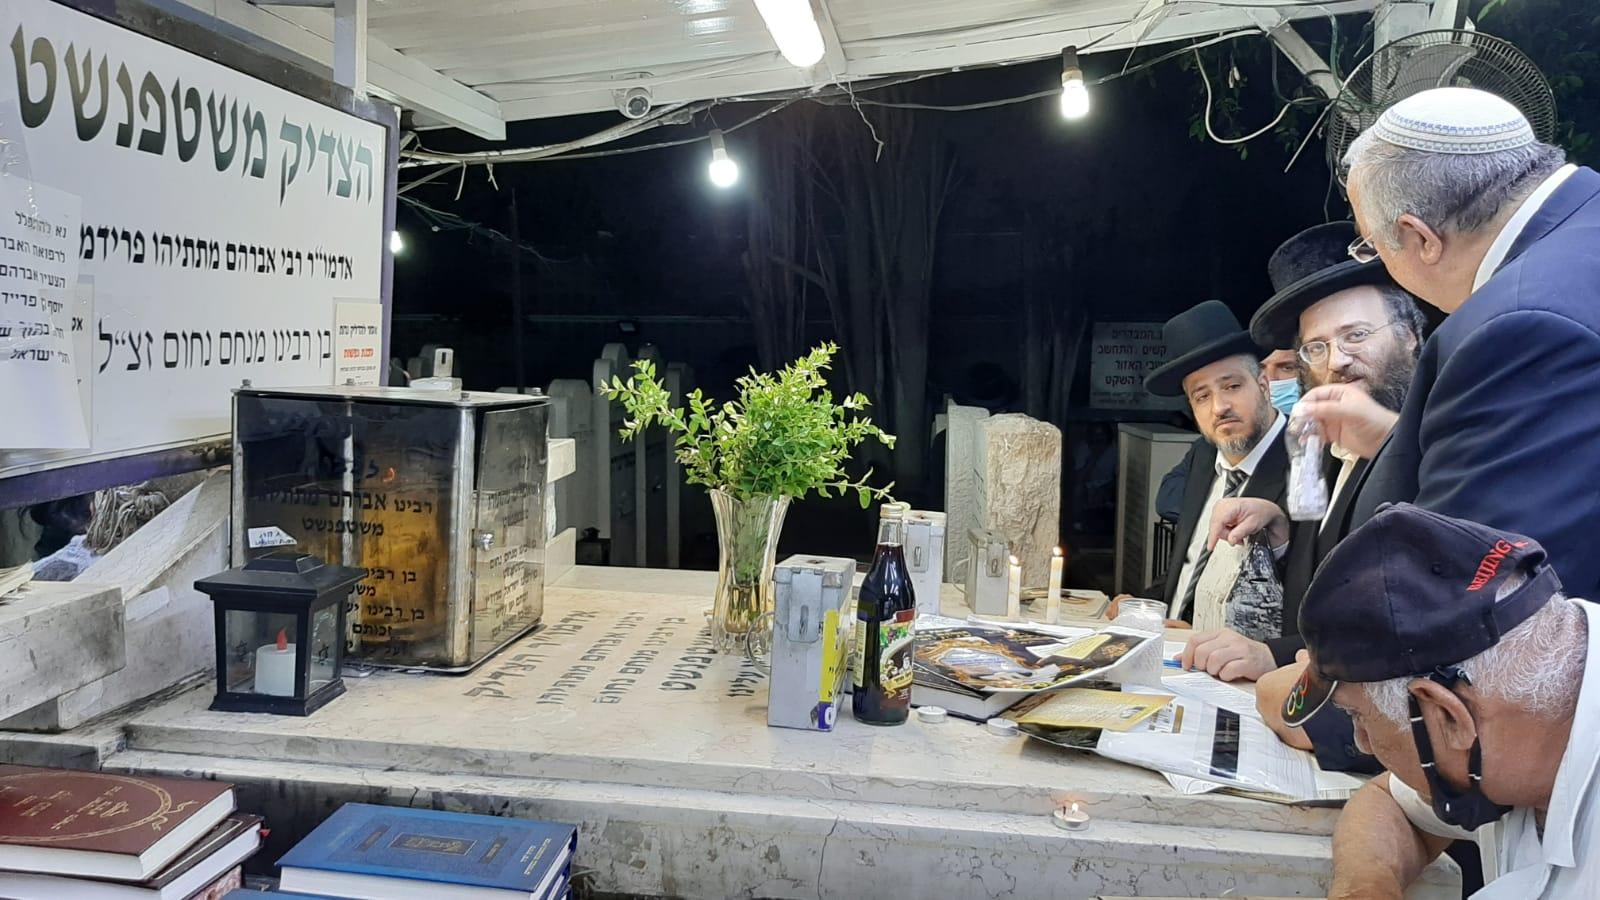 הרה''ג אברהם מאיר שלוש אב''ד חיפה בתיקון יום חמישי בקבר הצדיק משטפנשט 2